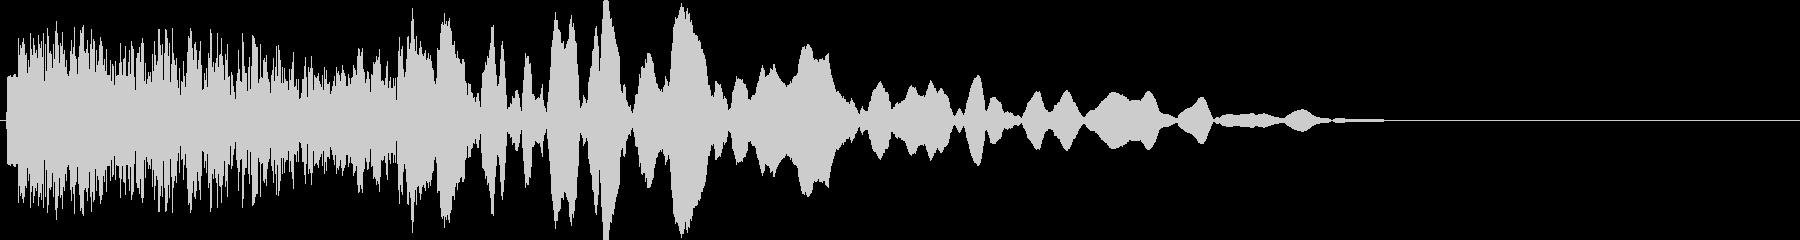 ロボットを殴る(機械を殴る音全般)の未再生の波形